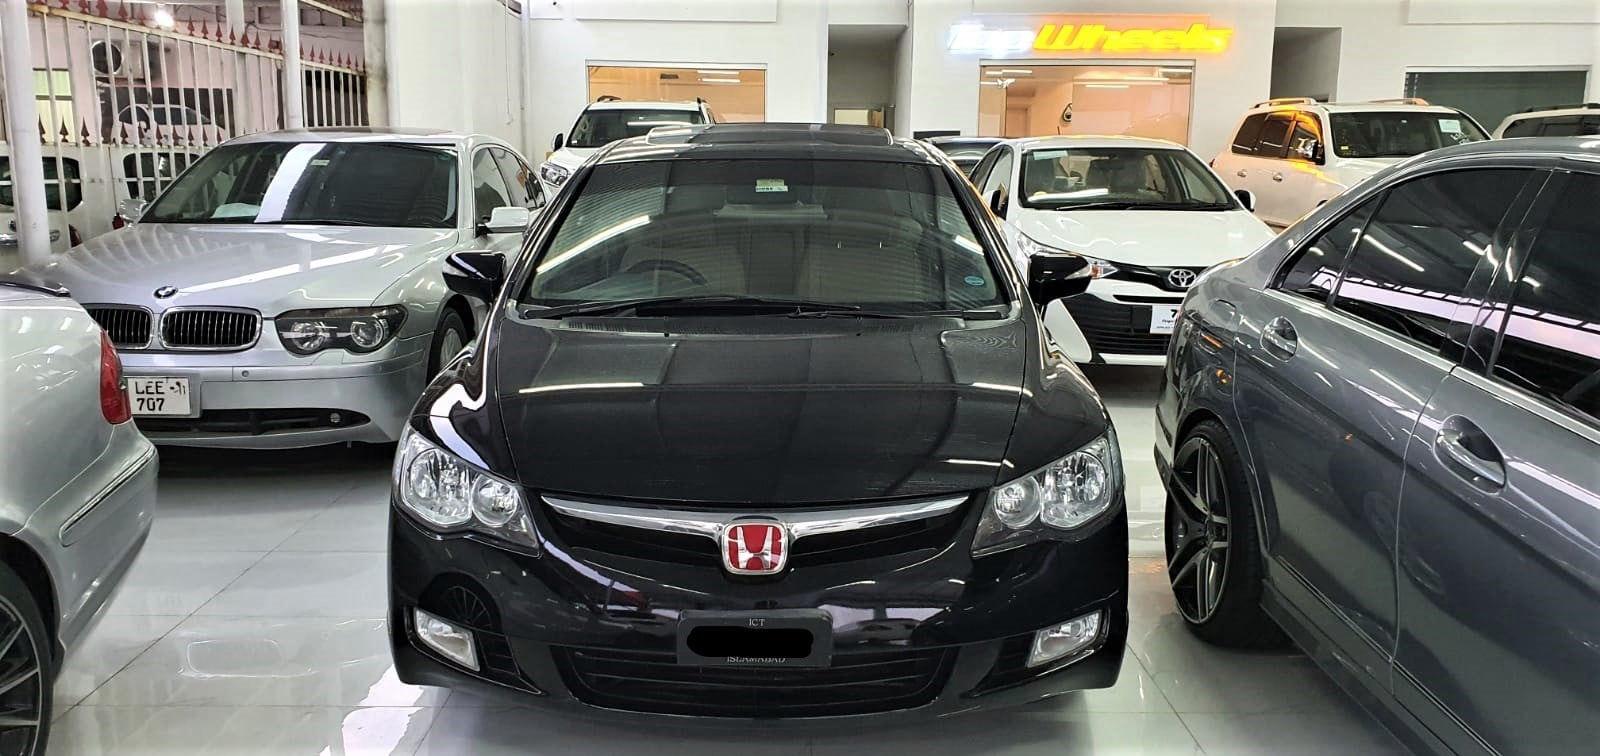 Honda Civic 1.8 i-VTEC Oriel 2012